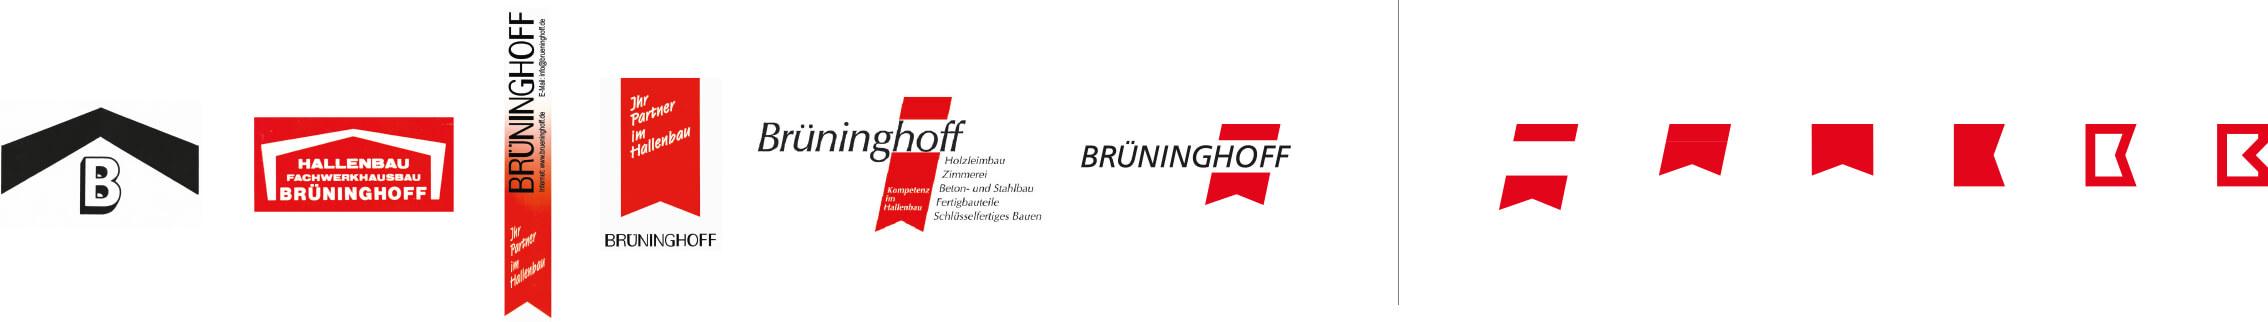 Logoentwicklung und Relaunch Corporate Design Brüninghoff